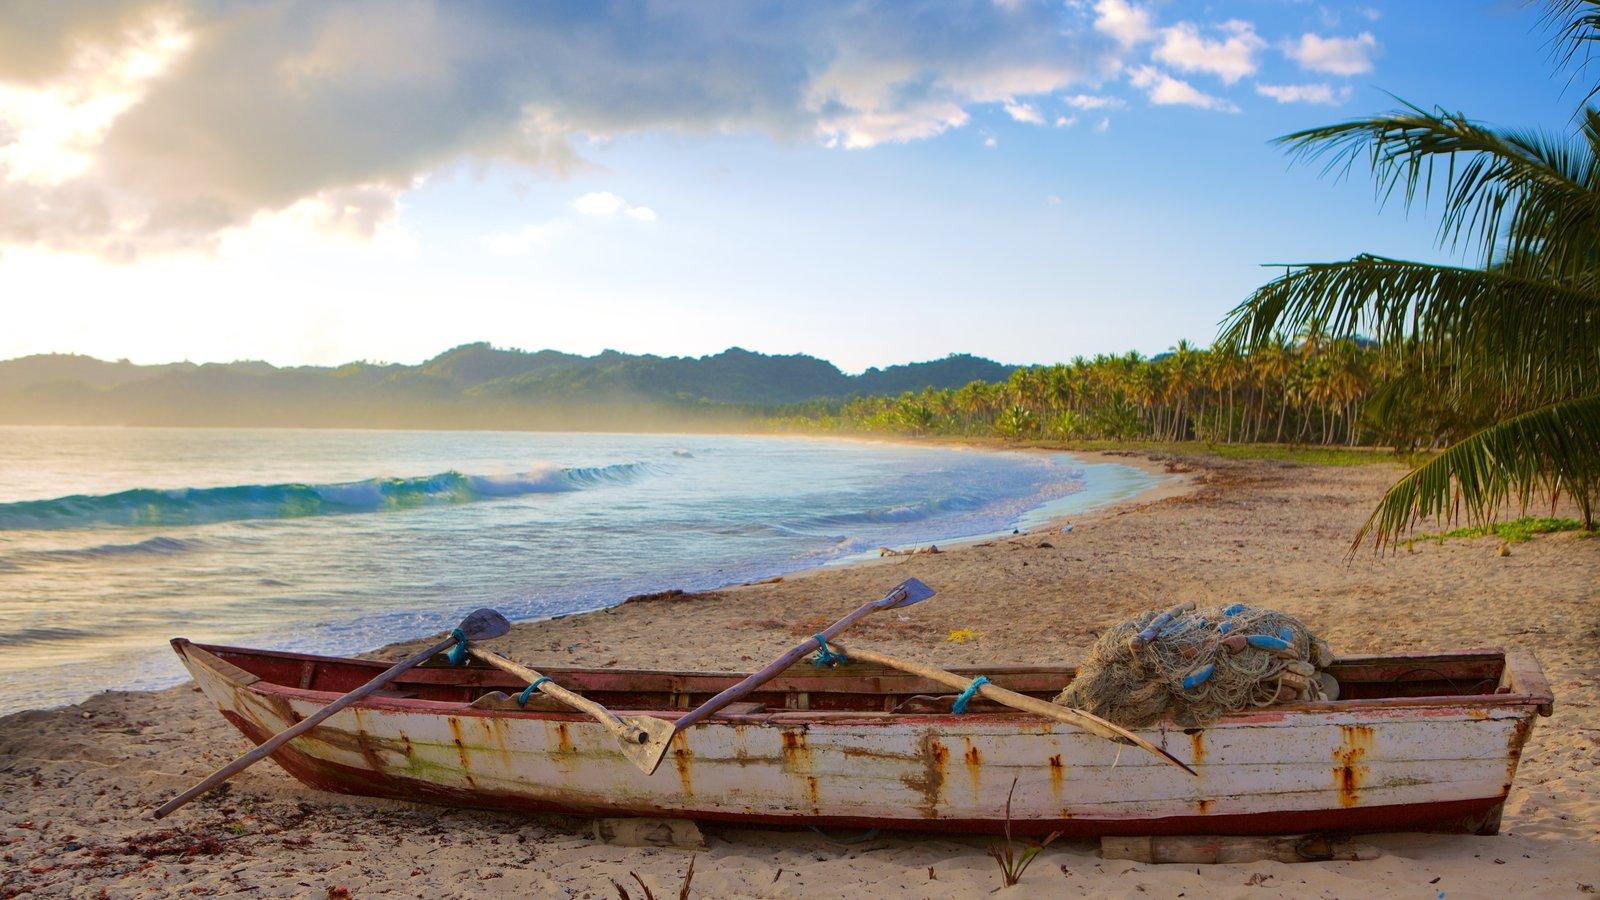 Playa Rincon que inclui uma praia de areia